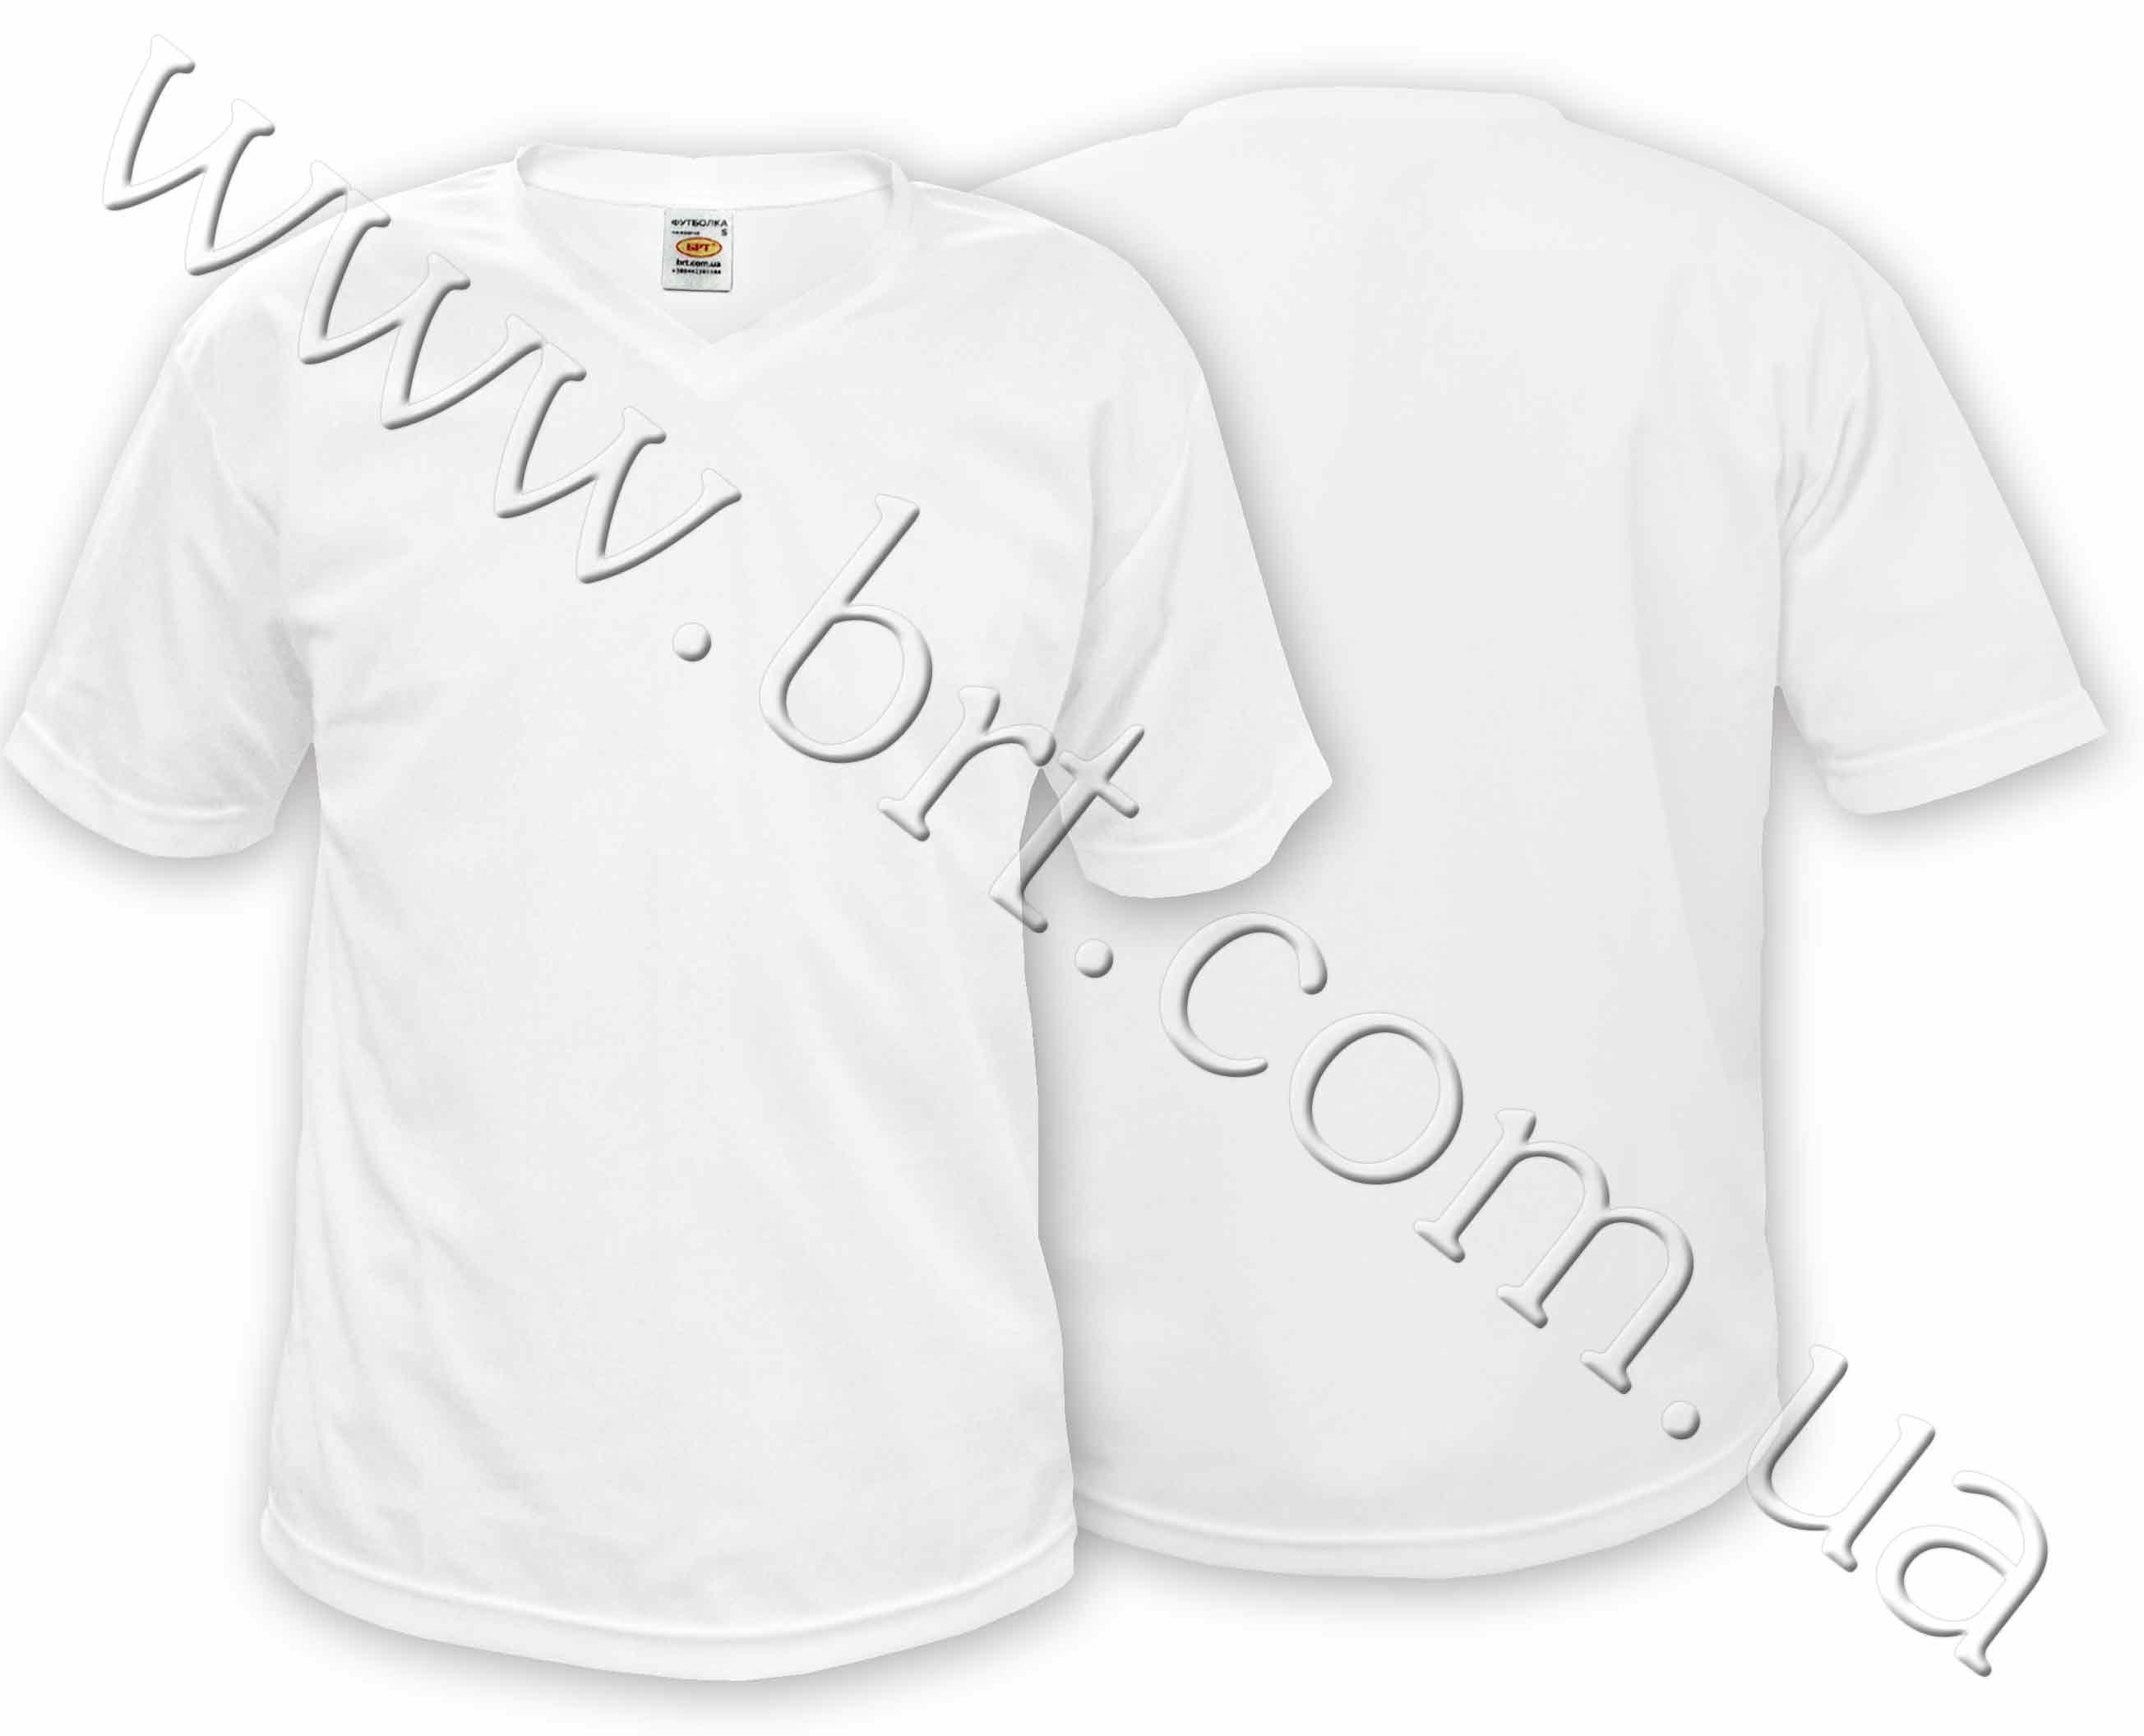 Белая футболка унисекс для сублимации